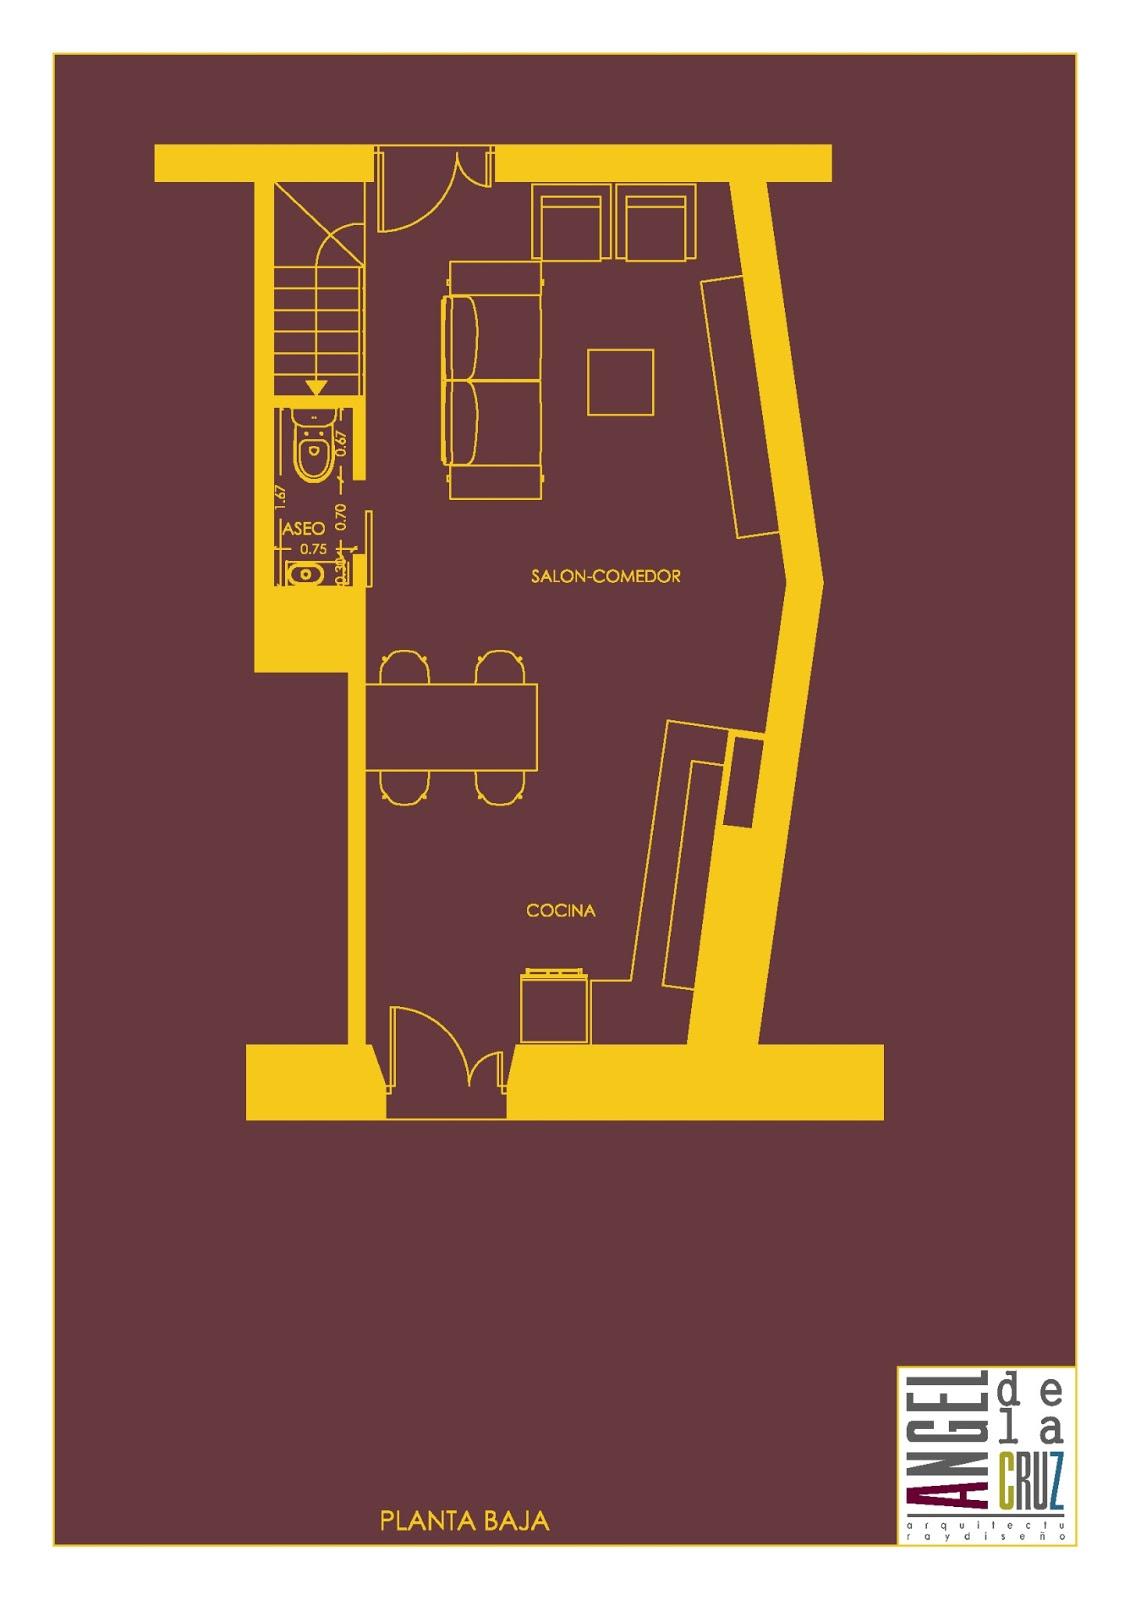 Diseno Baño Debajo Escalera:Angel de la Cruz-Arquitectura interior y diseño: UN RETO:UN PROYECTO